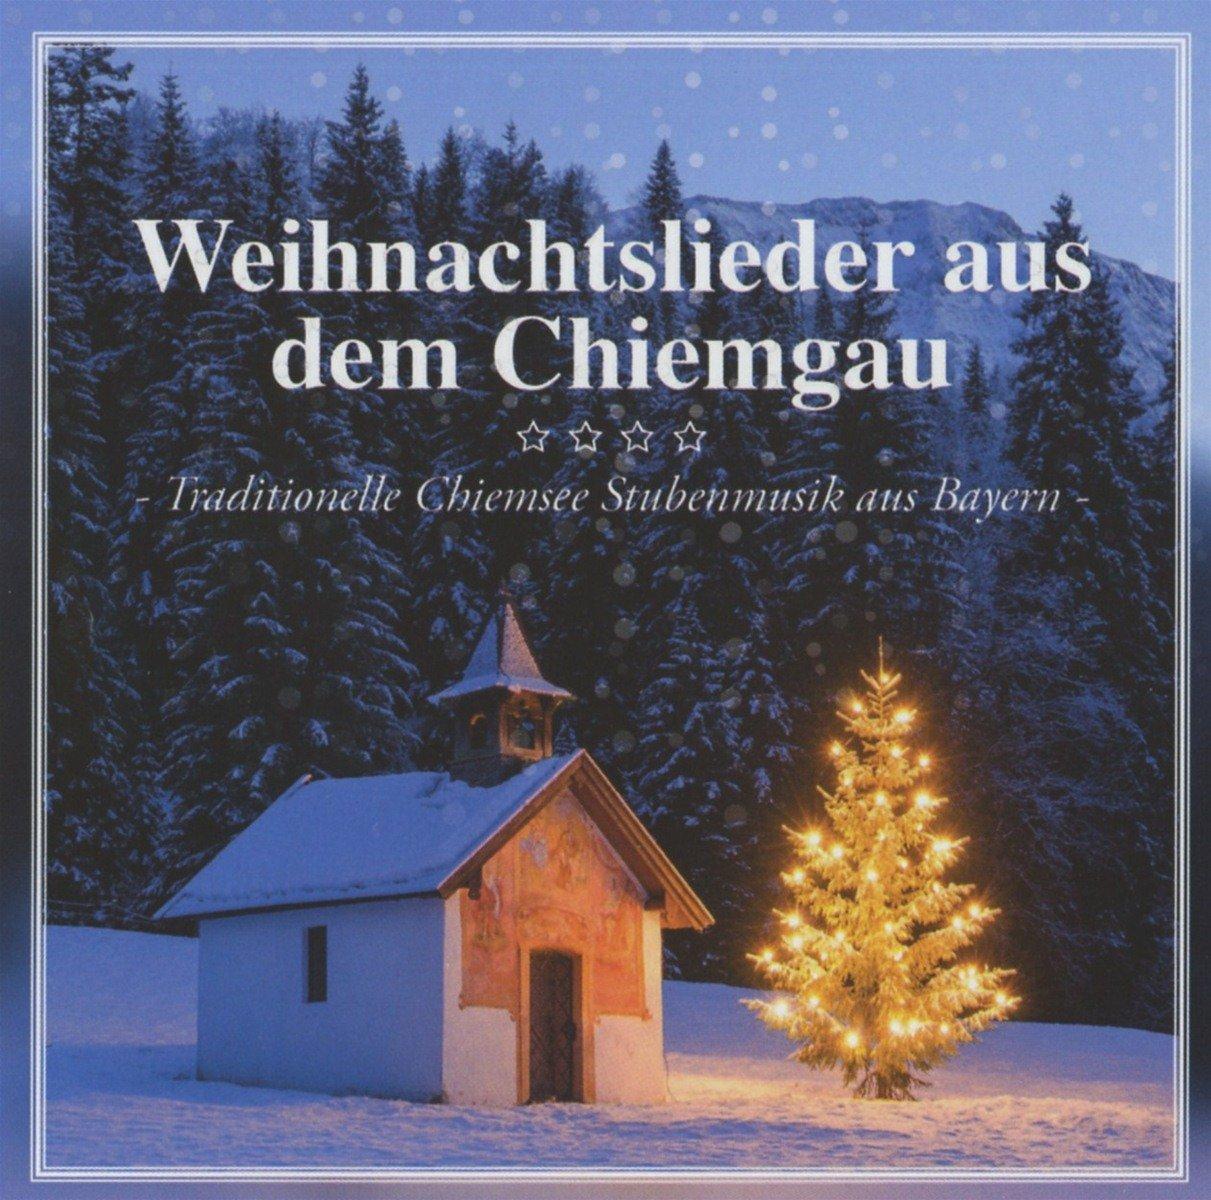 Weihnachtslieder aus dem Chiemgau - Various Artists: Amazon.de: Musik